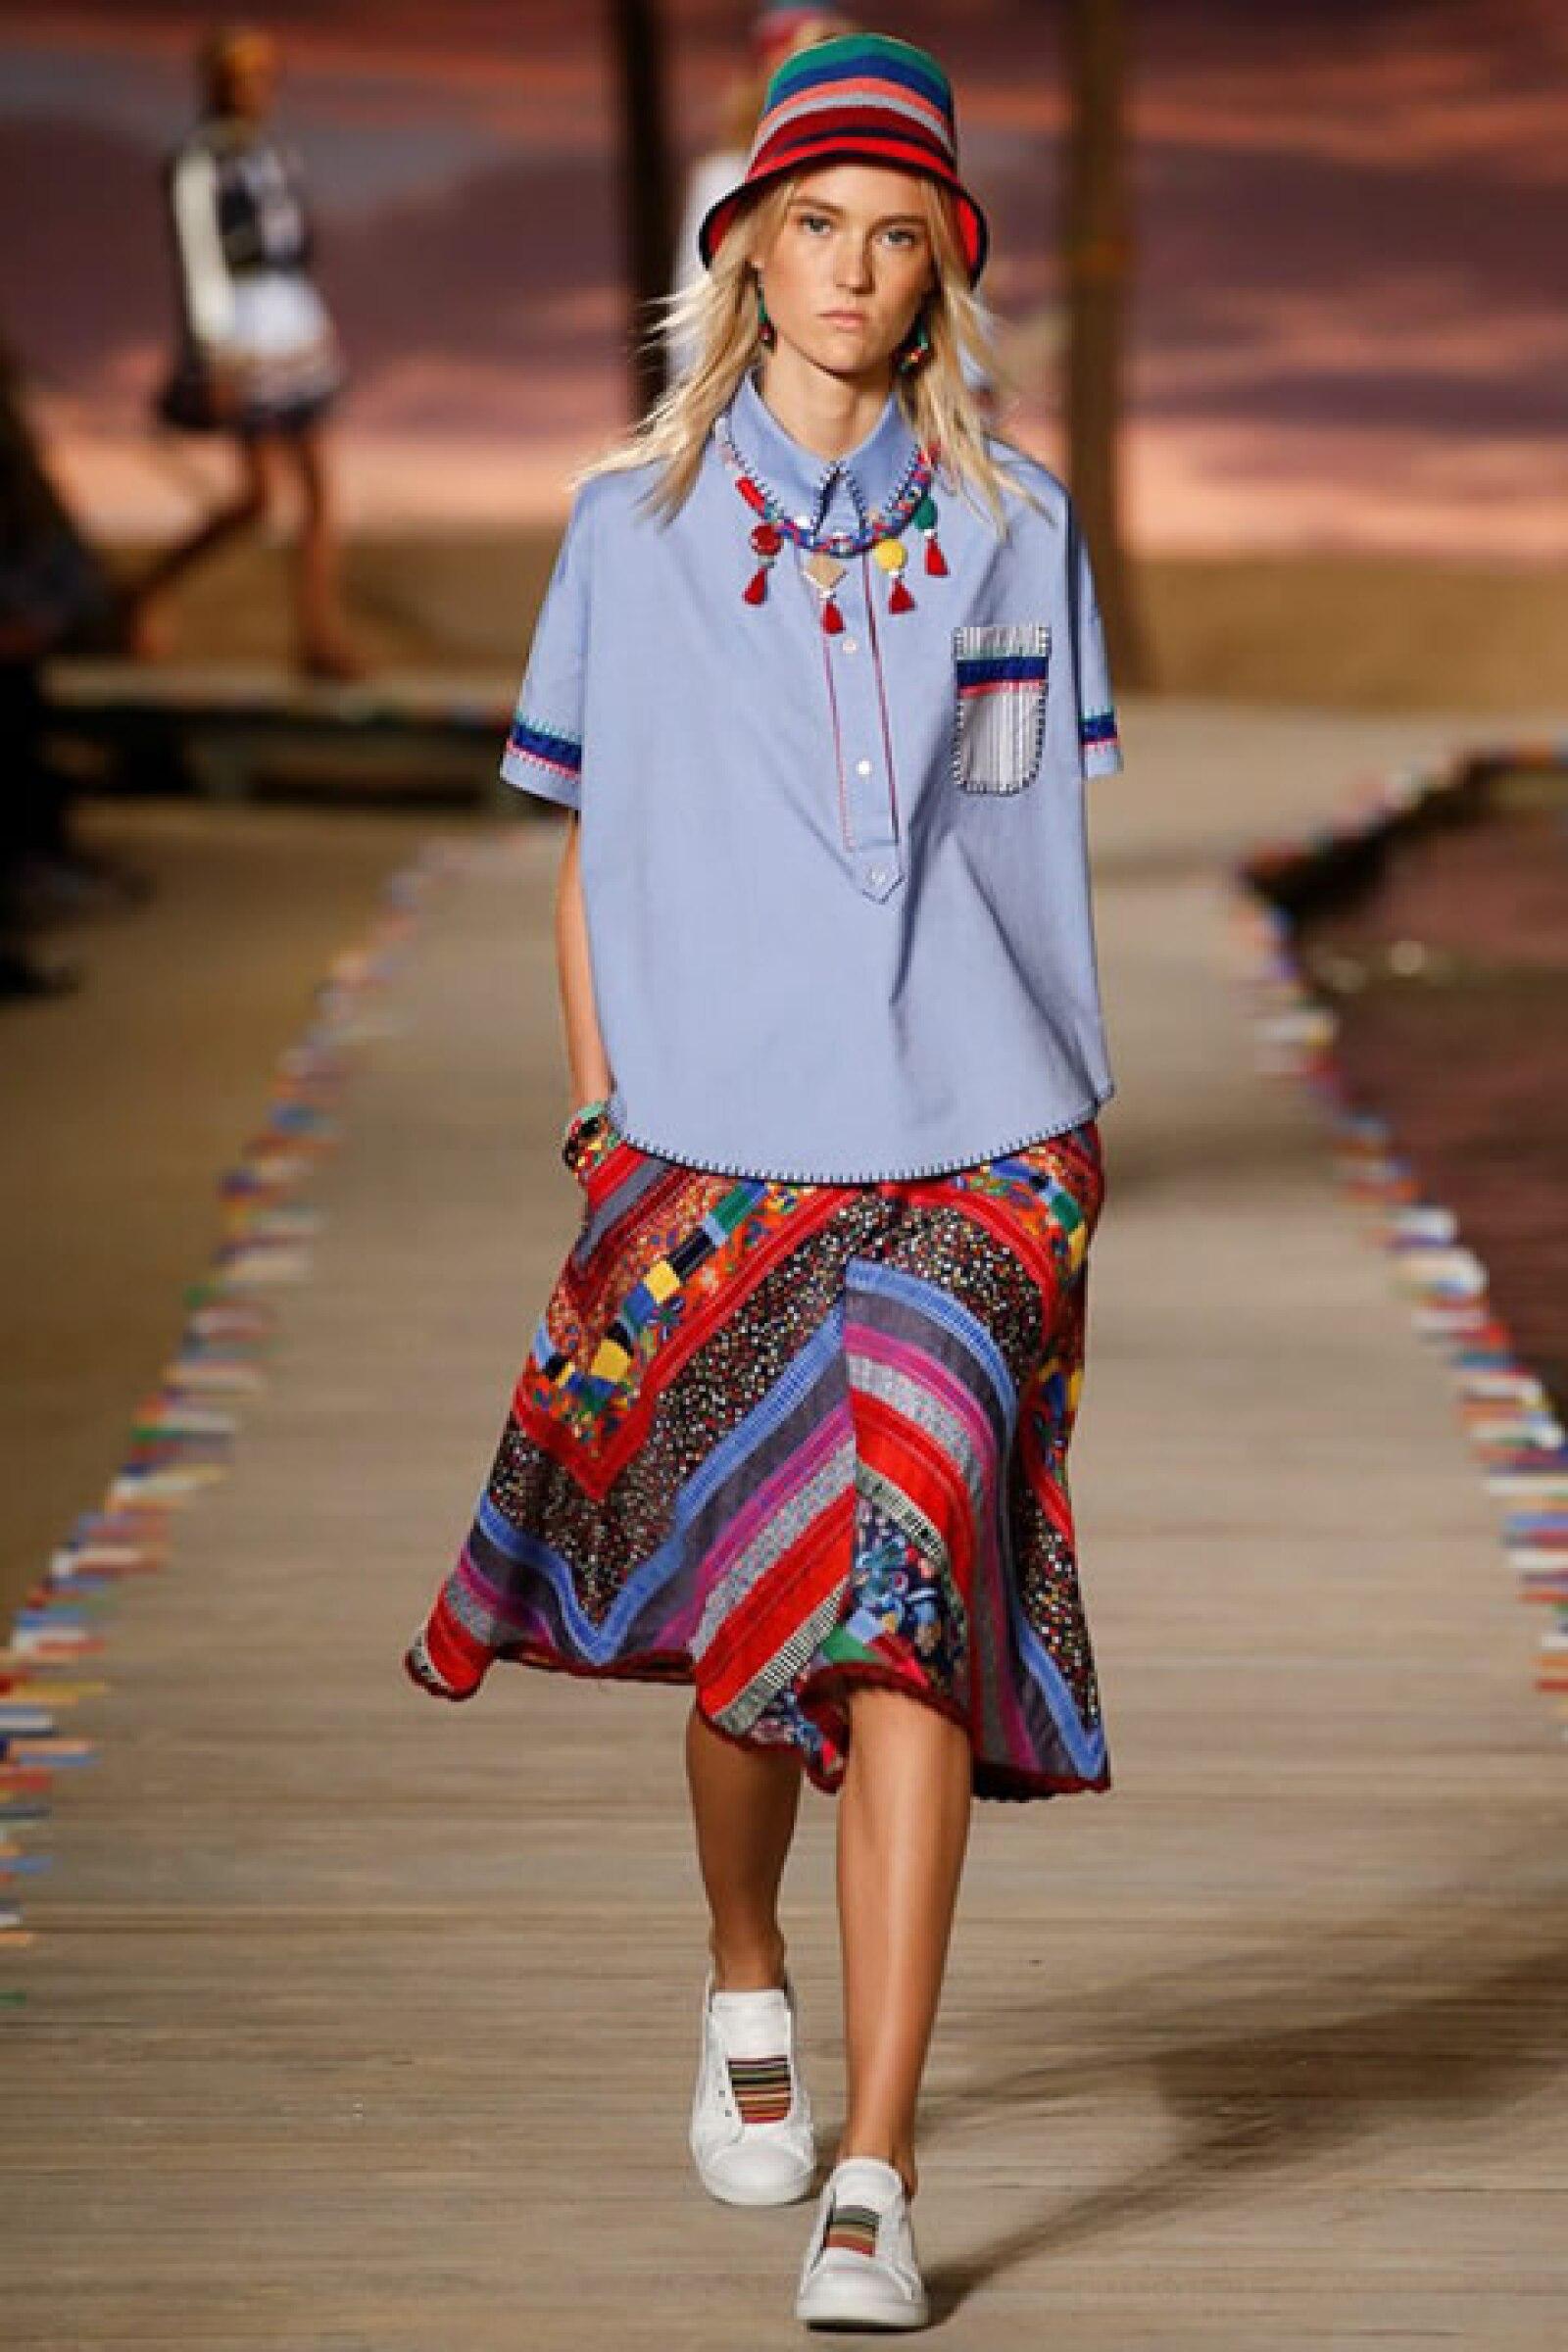 Camisa en azul Oxford, falda de patchwork rayada y sneakers.